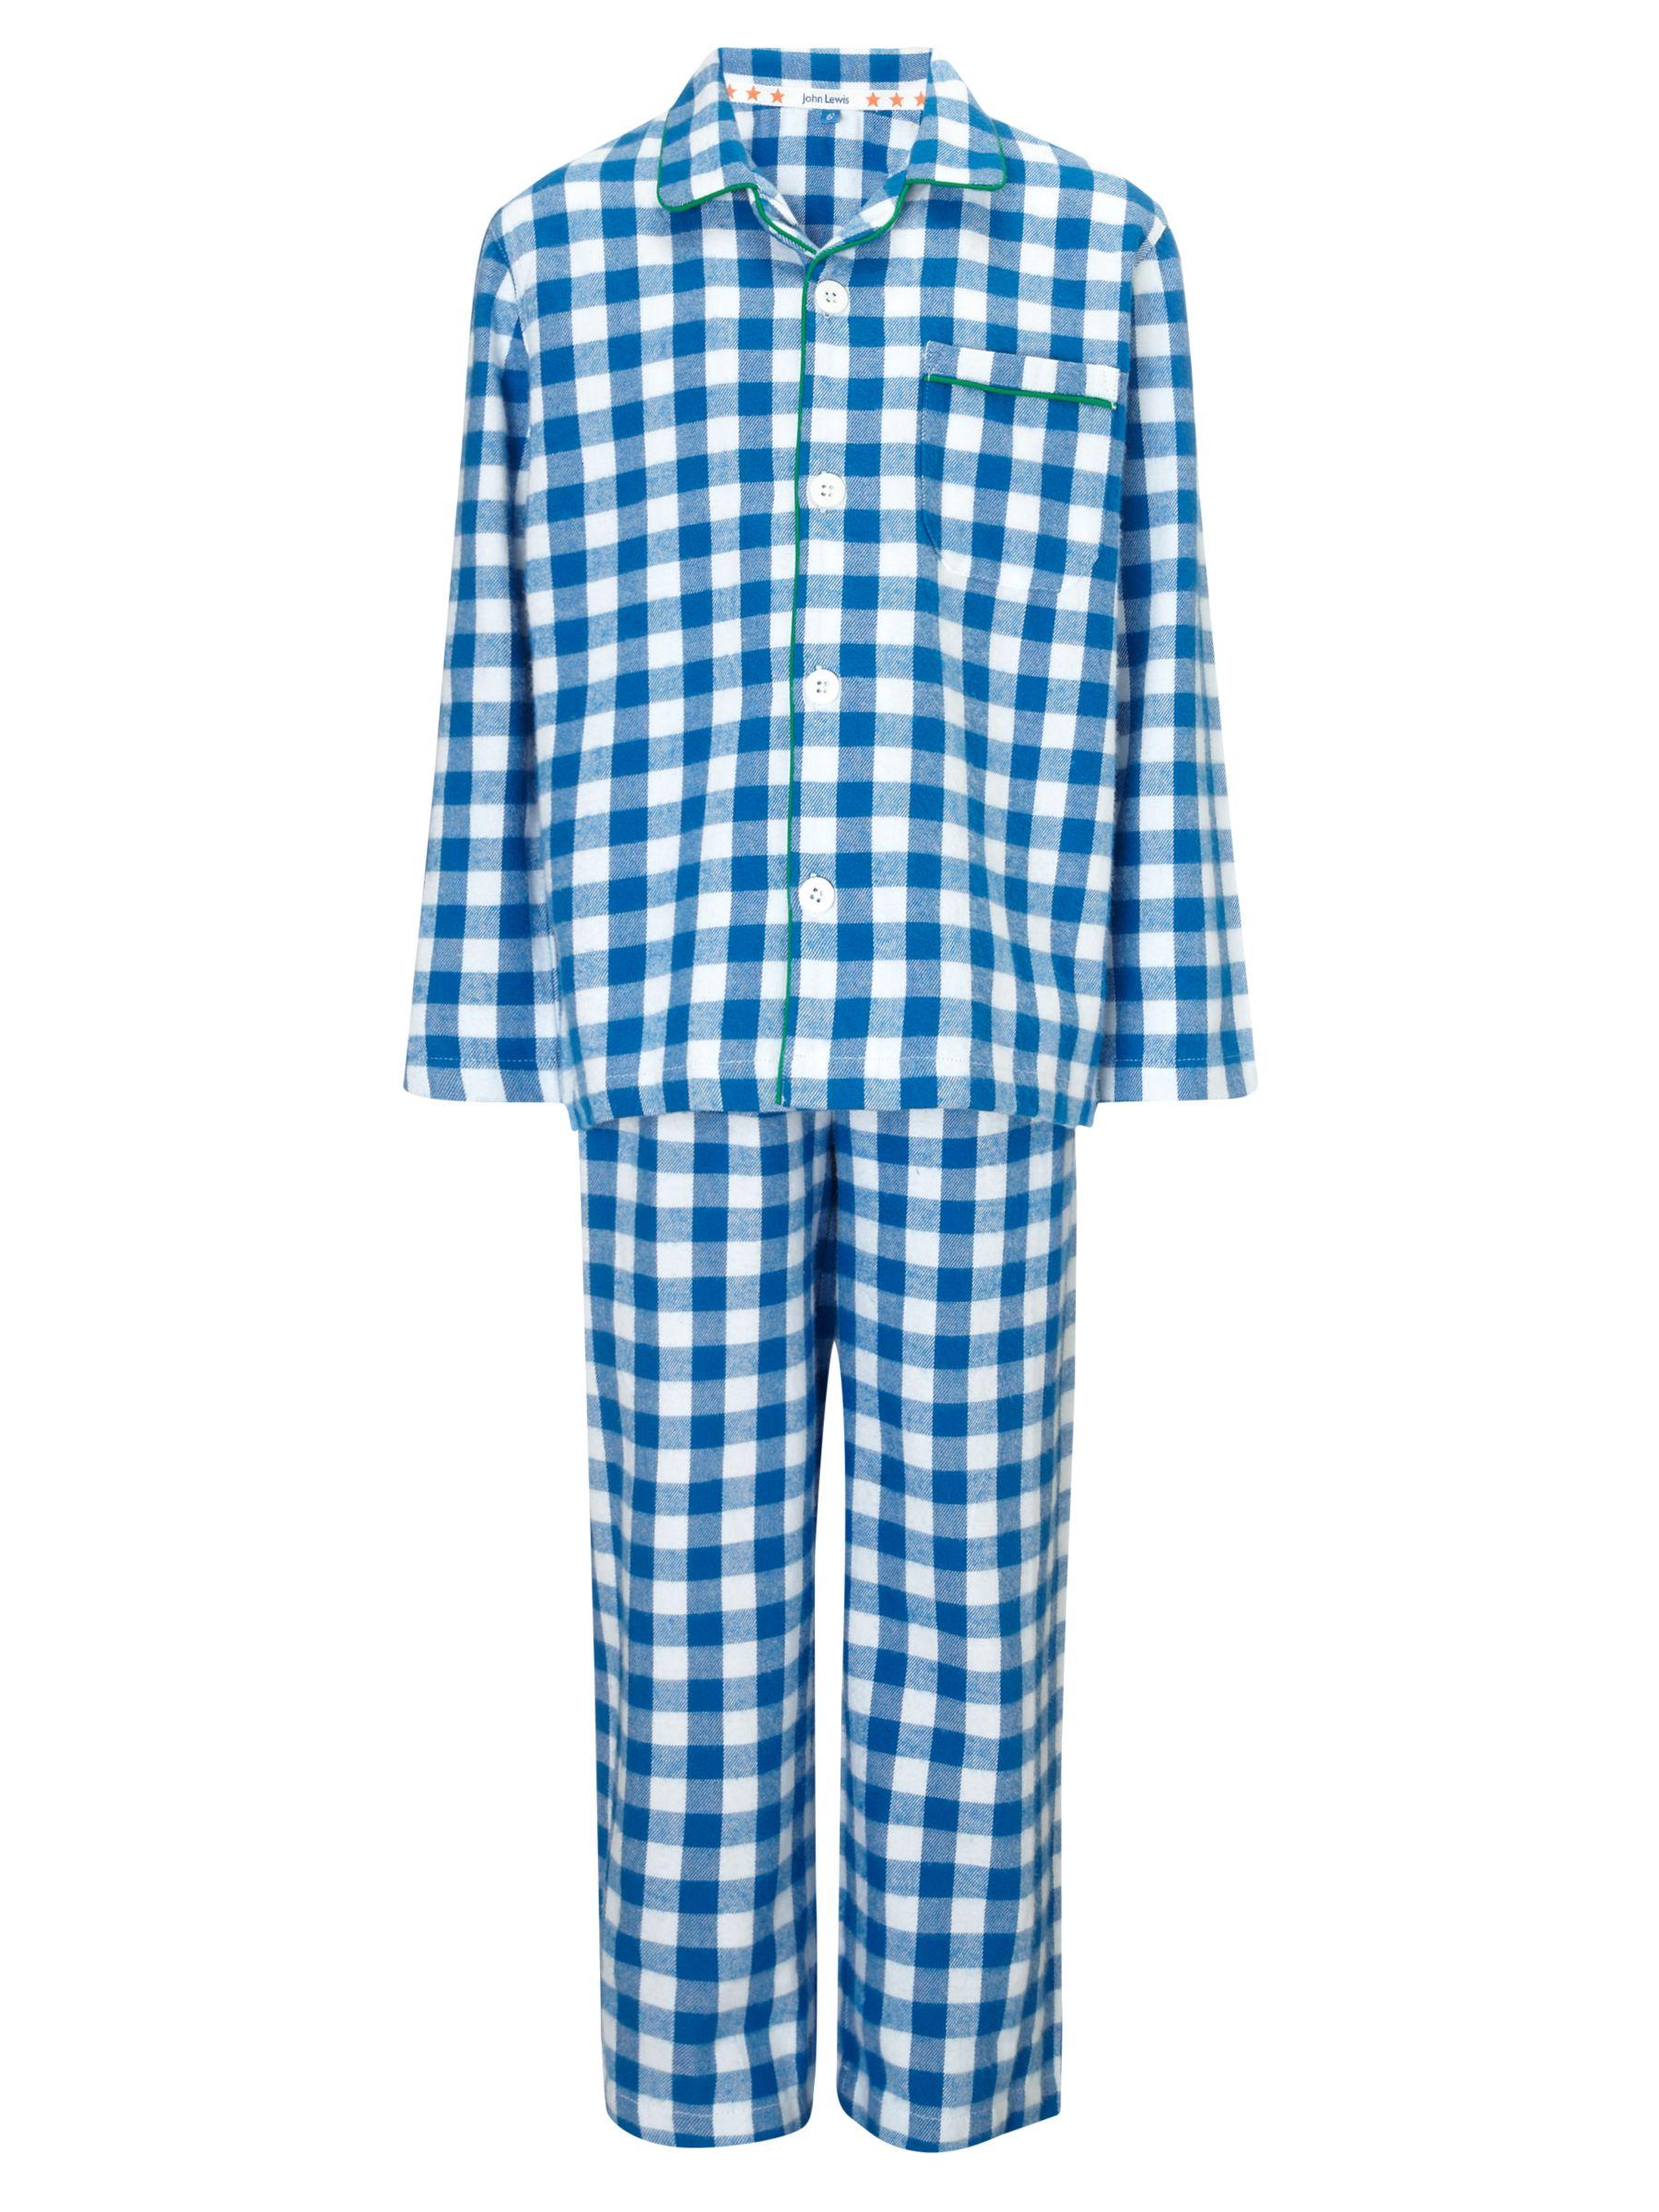 John Lewis Boy Gingham Pyjamas, Blue/Multi